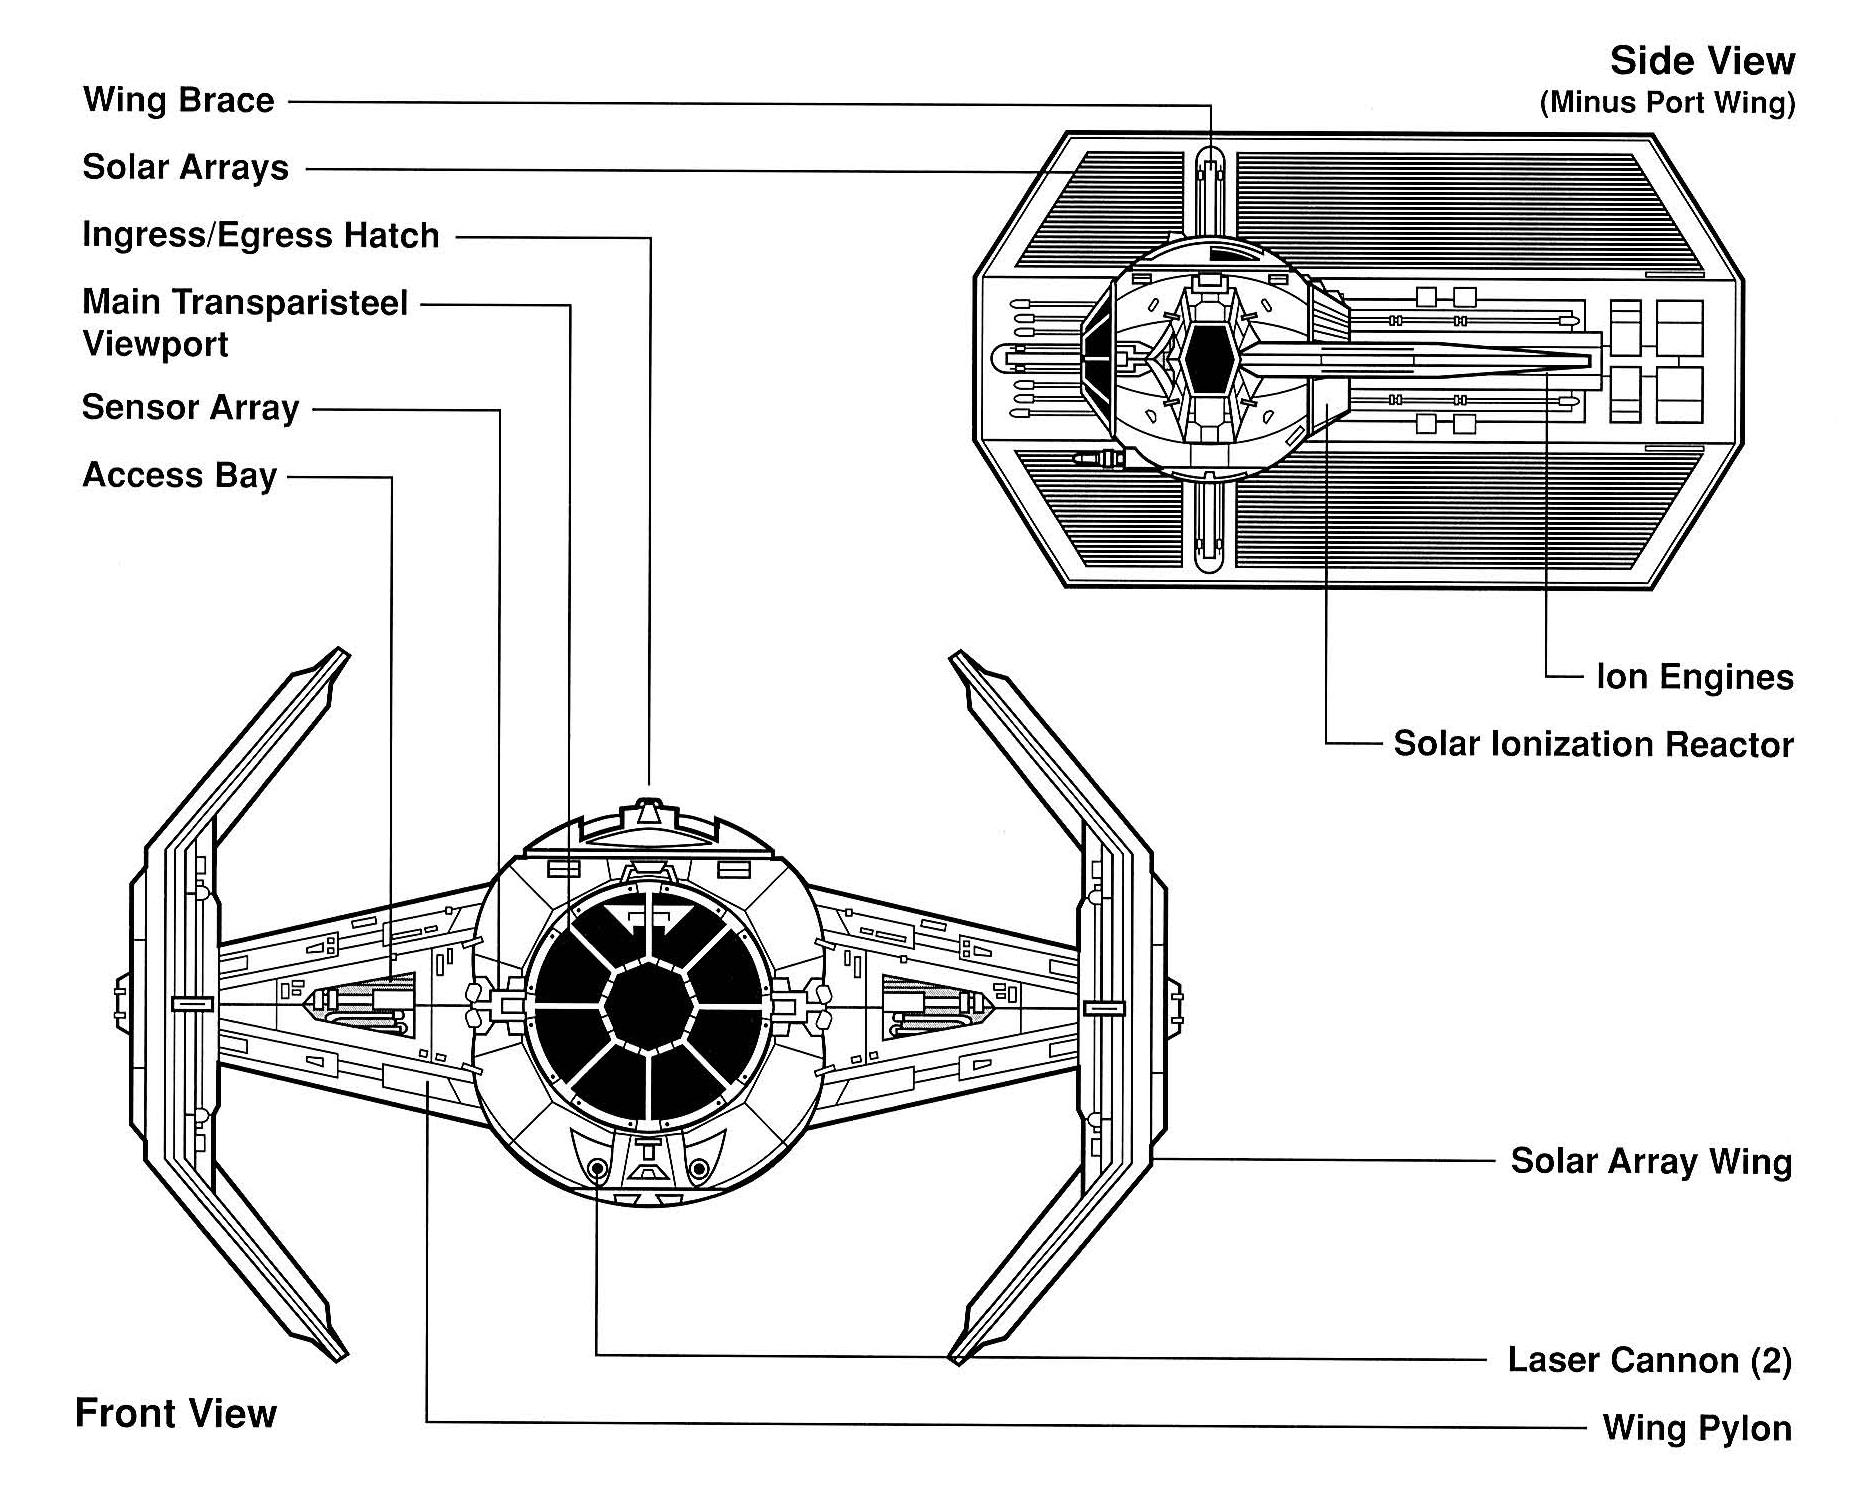 latest?cb=20081030151248 X Wing Schematics on y-wing schematics, a wing fighter schematics, tie interceptor schematics, minecraft schematics, halo warthog schematics, b-wing schematics, at-at schematics,